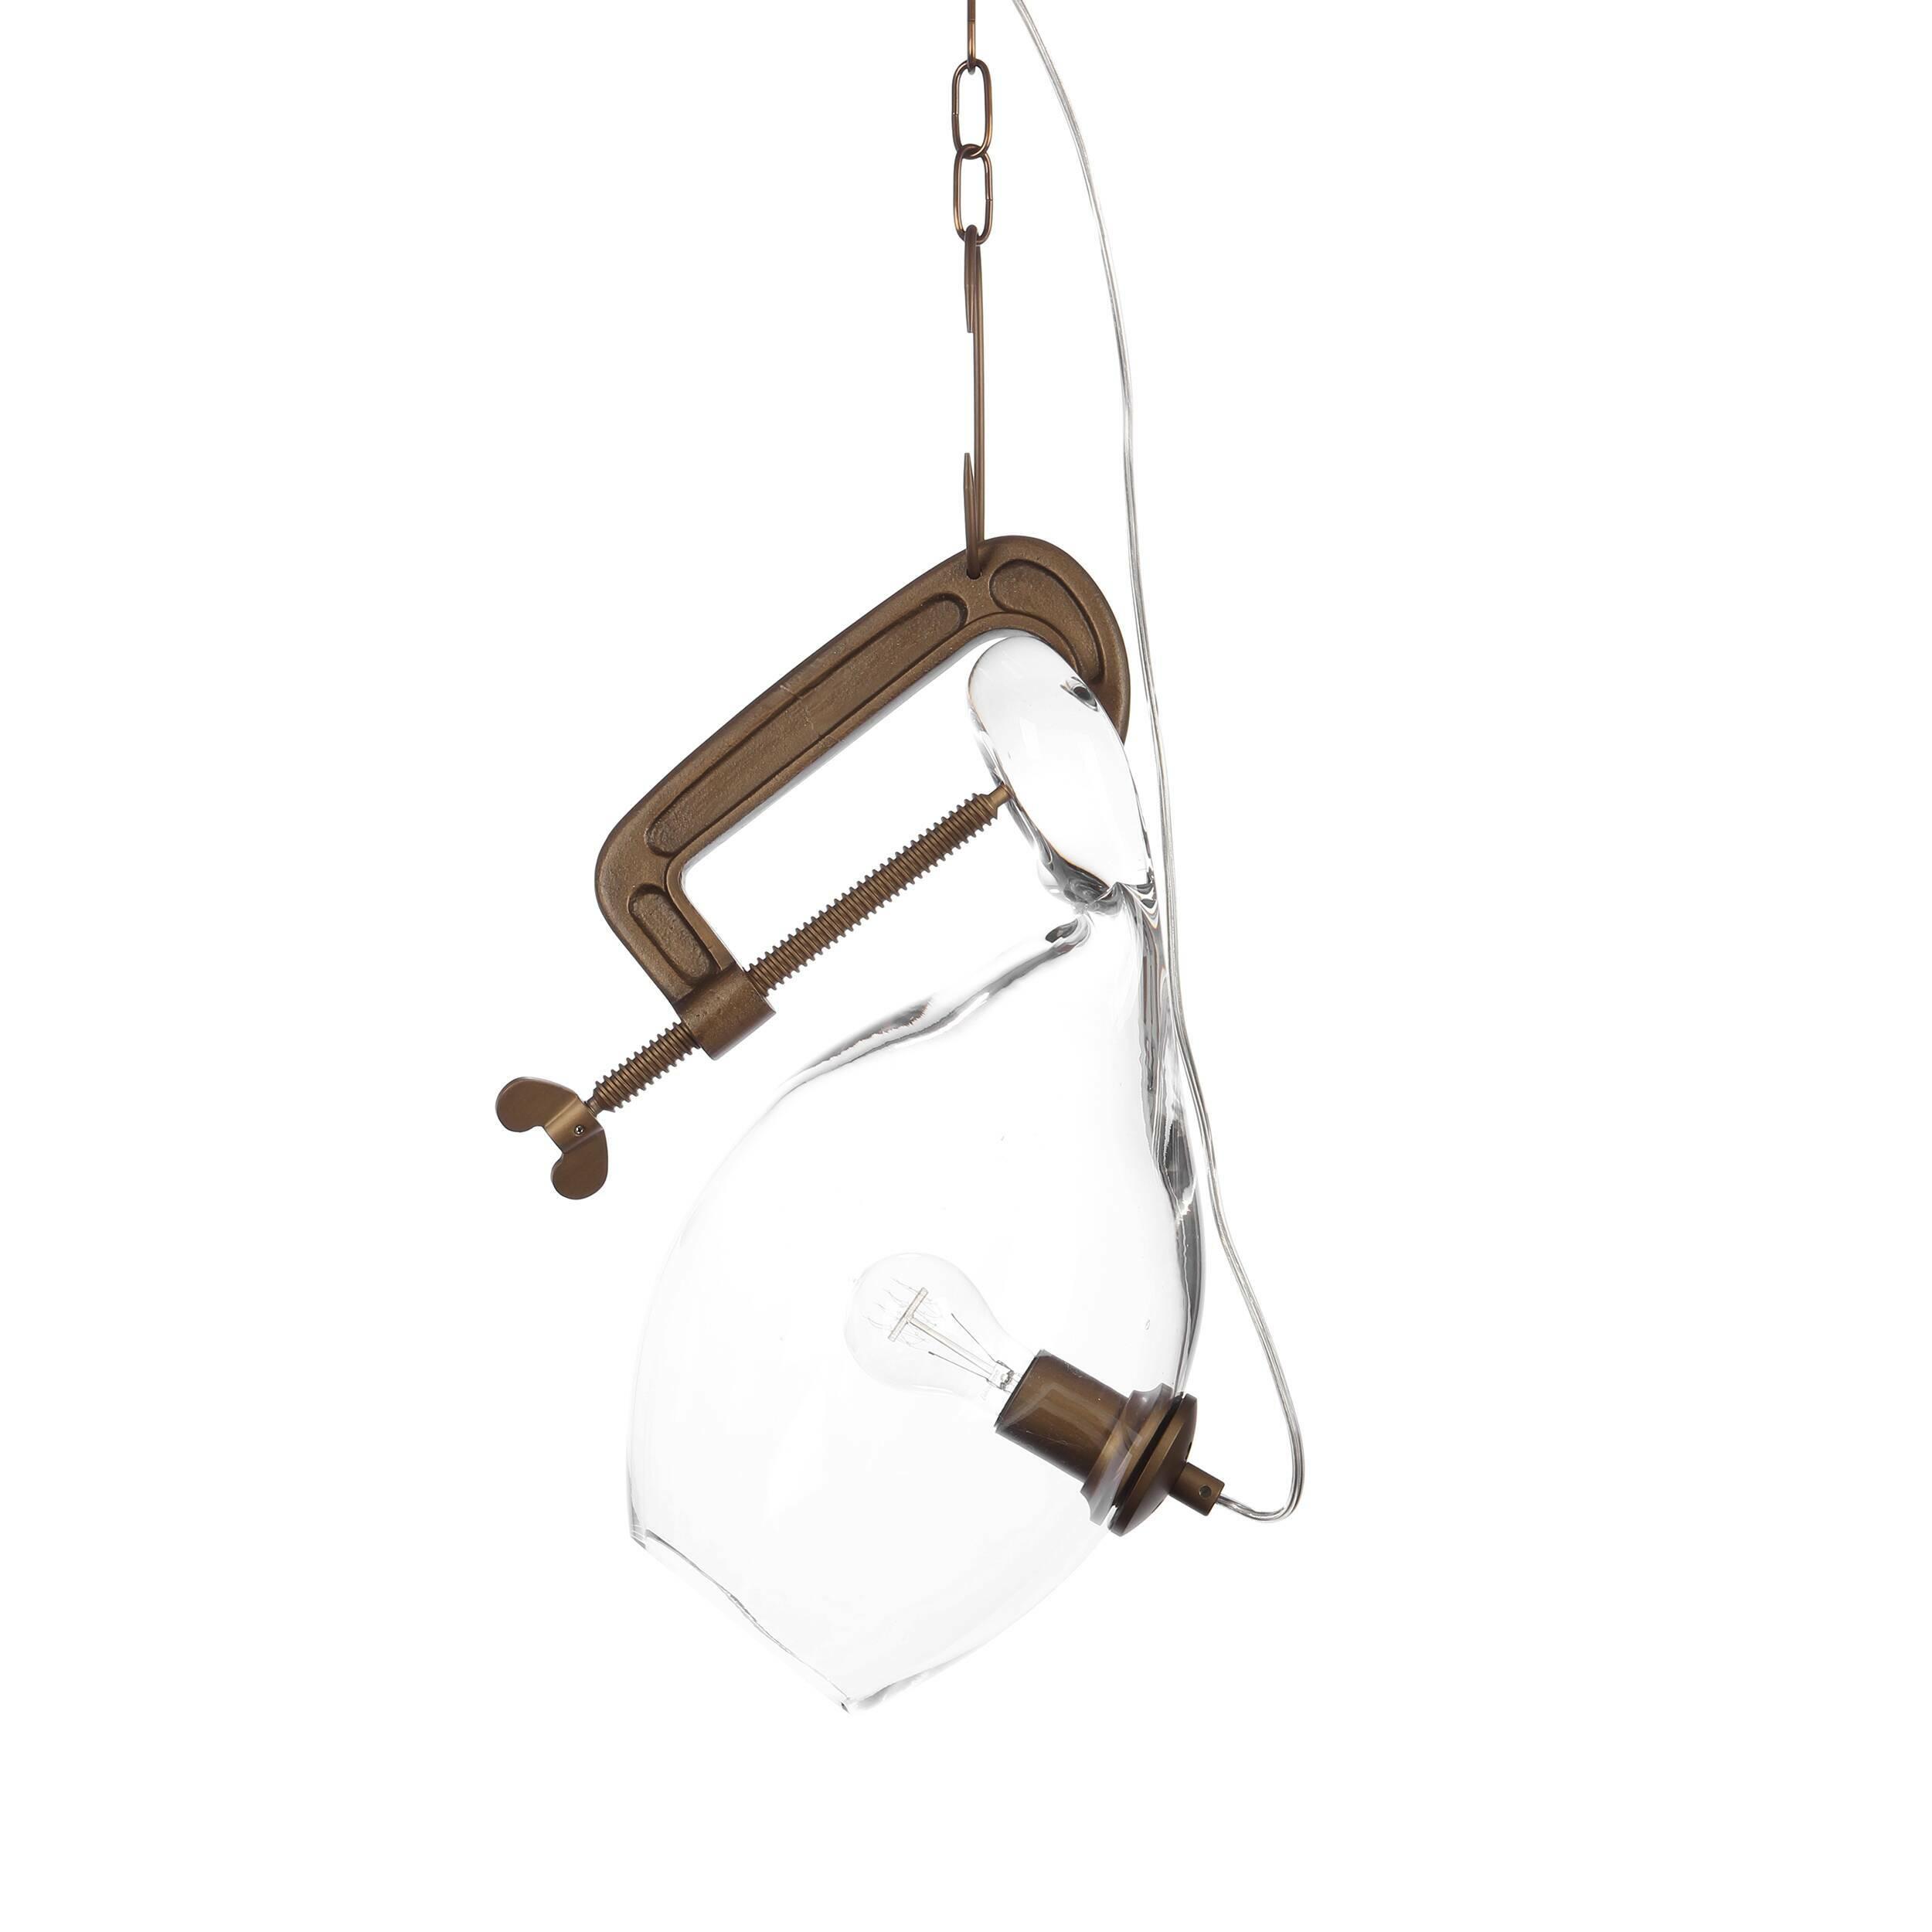 Подвесной светильник ClampПодвесные<br>Подвесной светильник Clamp — это настоящее произведение искусства популярнейшего западного дизайнера Линдси Адельман. Ее светильники имеют характерный почерк и стиль и особенно хорошо гармонируют с общим дизайном современных интерьеров. Светильник имеет весьма необычную и оригинальную форму, которая дополняется изящным декором. На выбор представлены два варианта: белый непрозрачный светильник и прозрачный.<br><br><br><br><br> Абажур светильника изготовлен из прочного стекла. Крепления, держатель и ...<br><br>stock: 25<br>Высота: 48<br>Ширина: 22<br>Длина: 42<br>Количество ламп: 1<br>Материал абажура: Стекло<br>Материал арматуры: Сталь<br>Мощность лампы: 40<br>Ламп в комплекте: Нет<br>Напряжение: 220<br>Тип лампы/цоколь: E27<br>Цвет абажура: Прозрачный<br>Цвет арматуры: Бронза золотая матовая